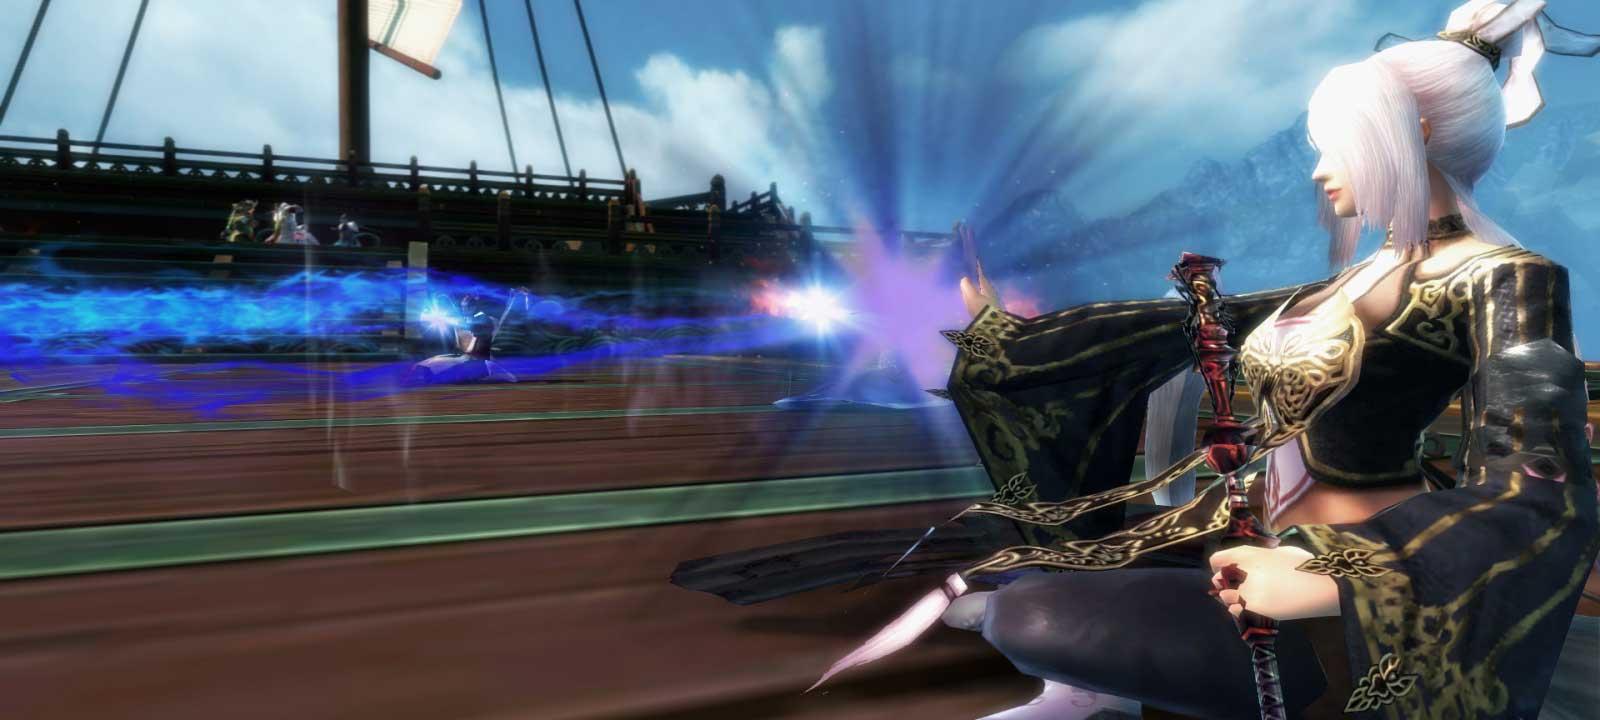 Скриншот к игре Swordsman Online